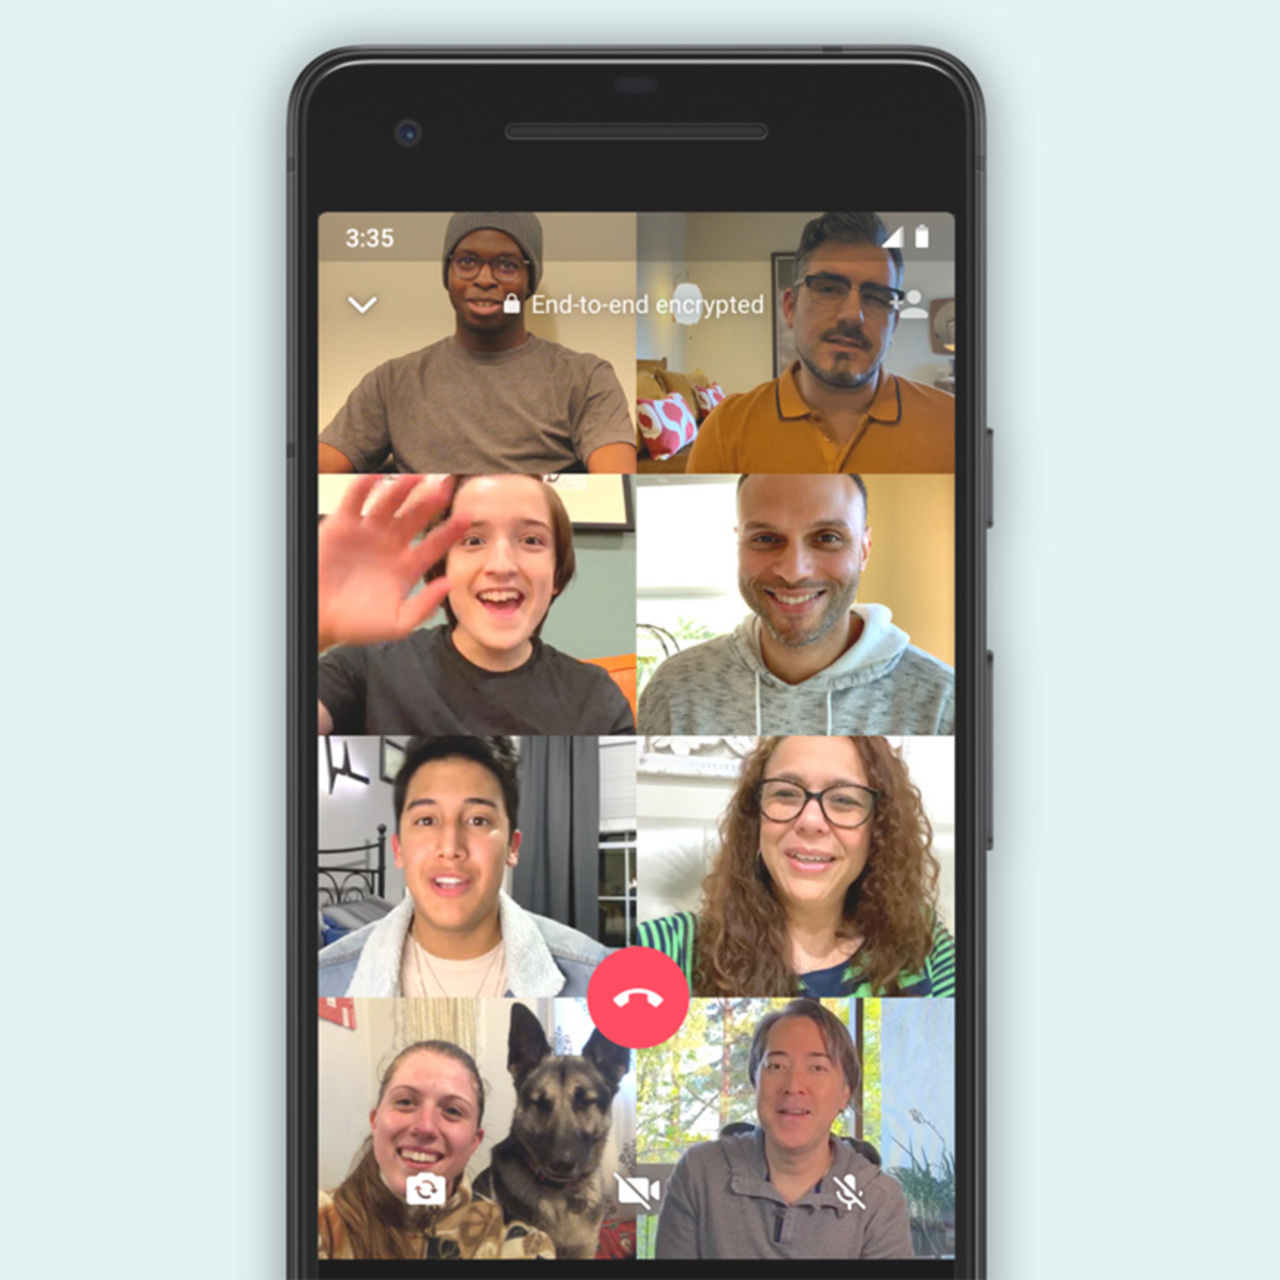 Видеочат в инстаграмме что это: как отключить, удалить, видят ли другие